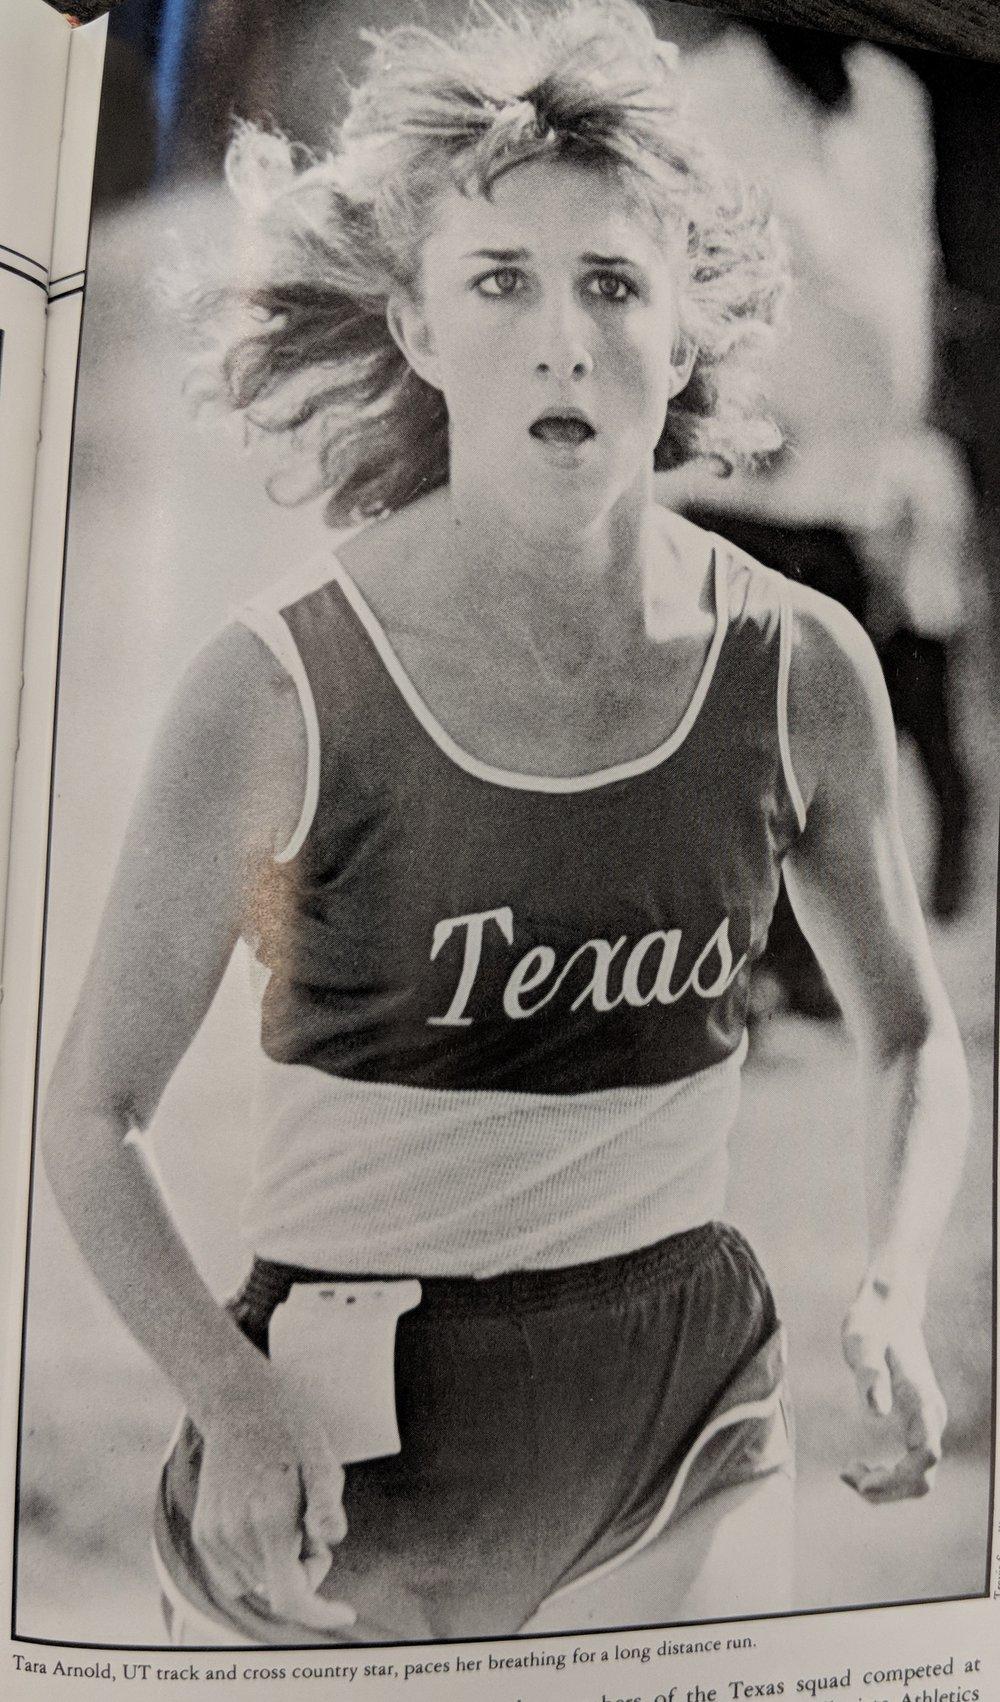 Tara Arnold